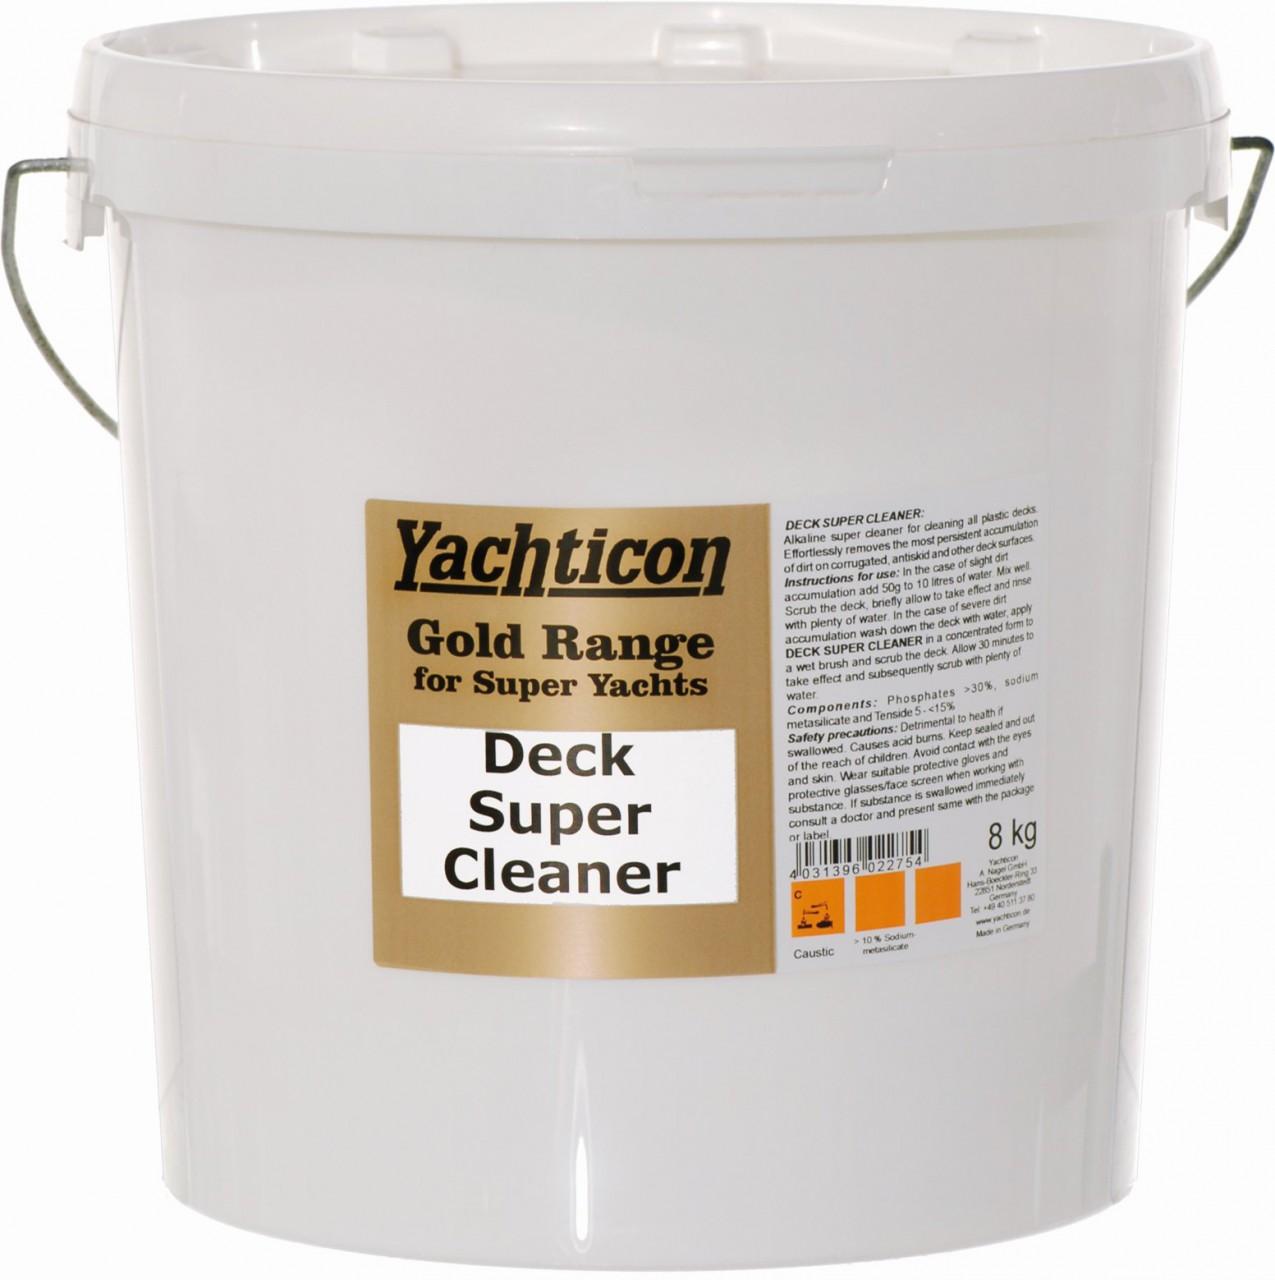 Yachticon Gold Range Super Yacht Deck Und Teak Reiniger 8kg